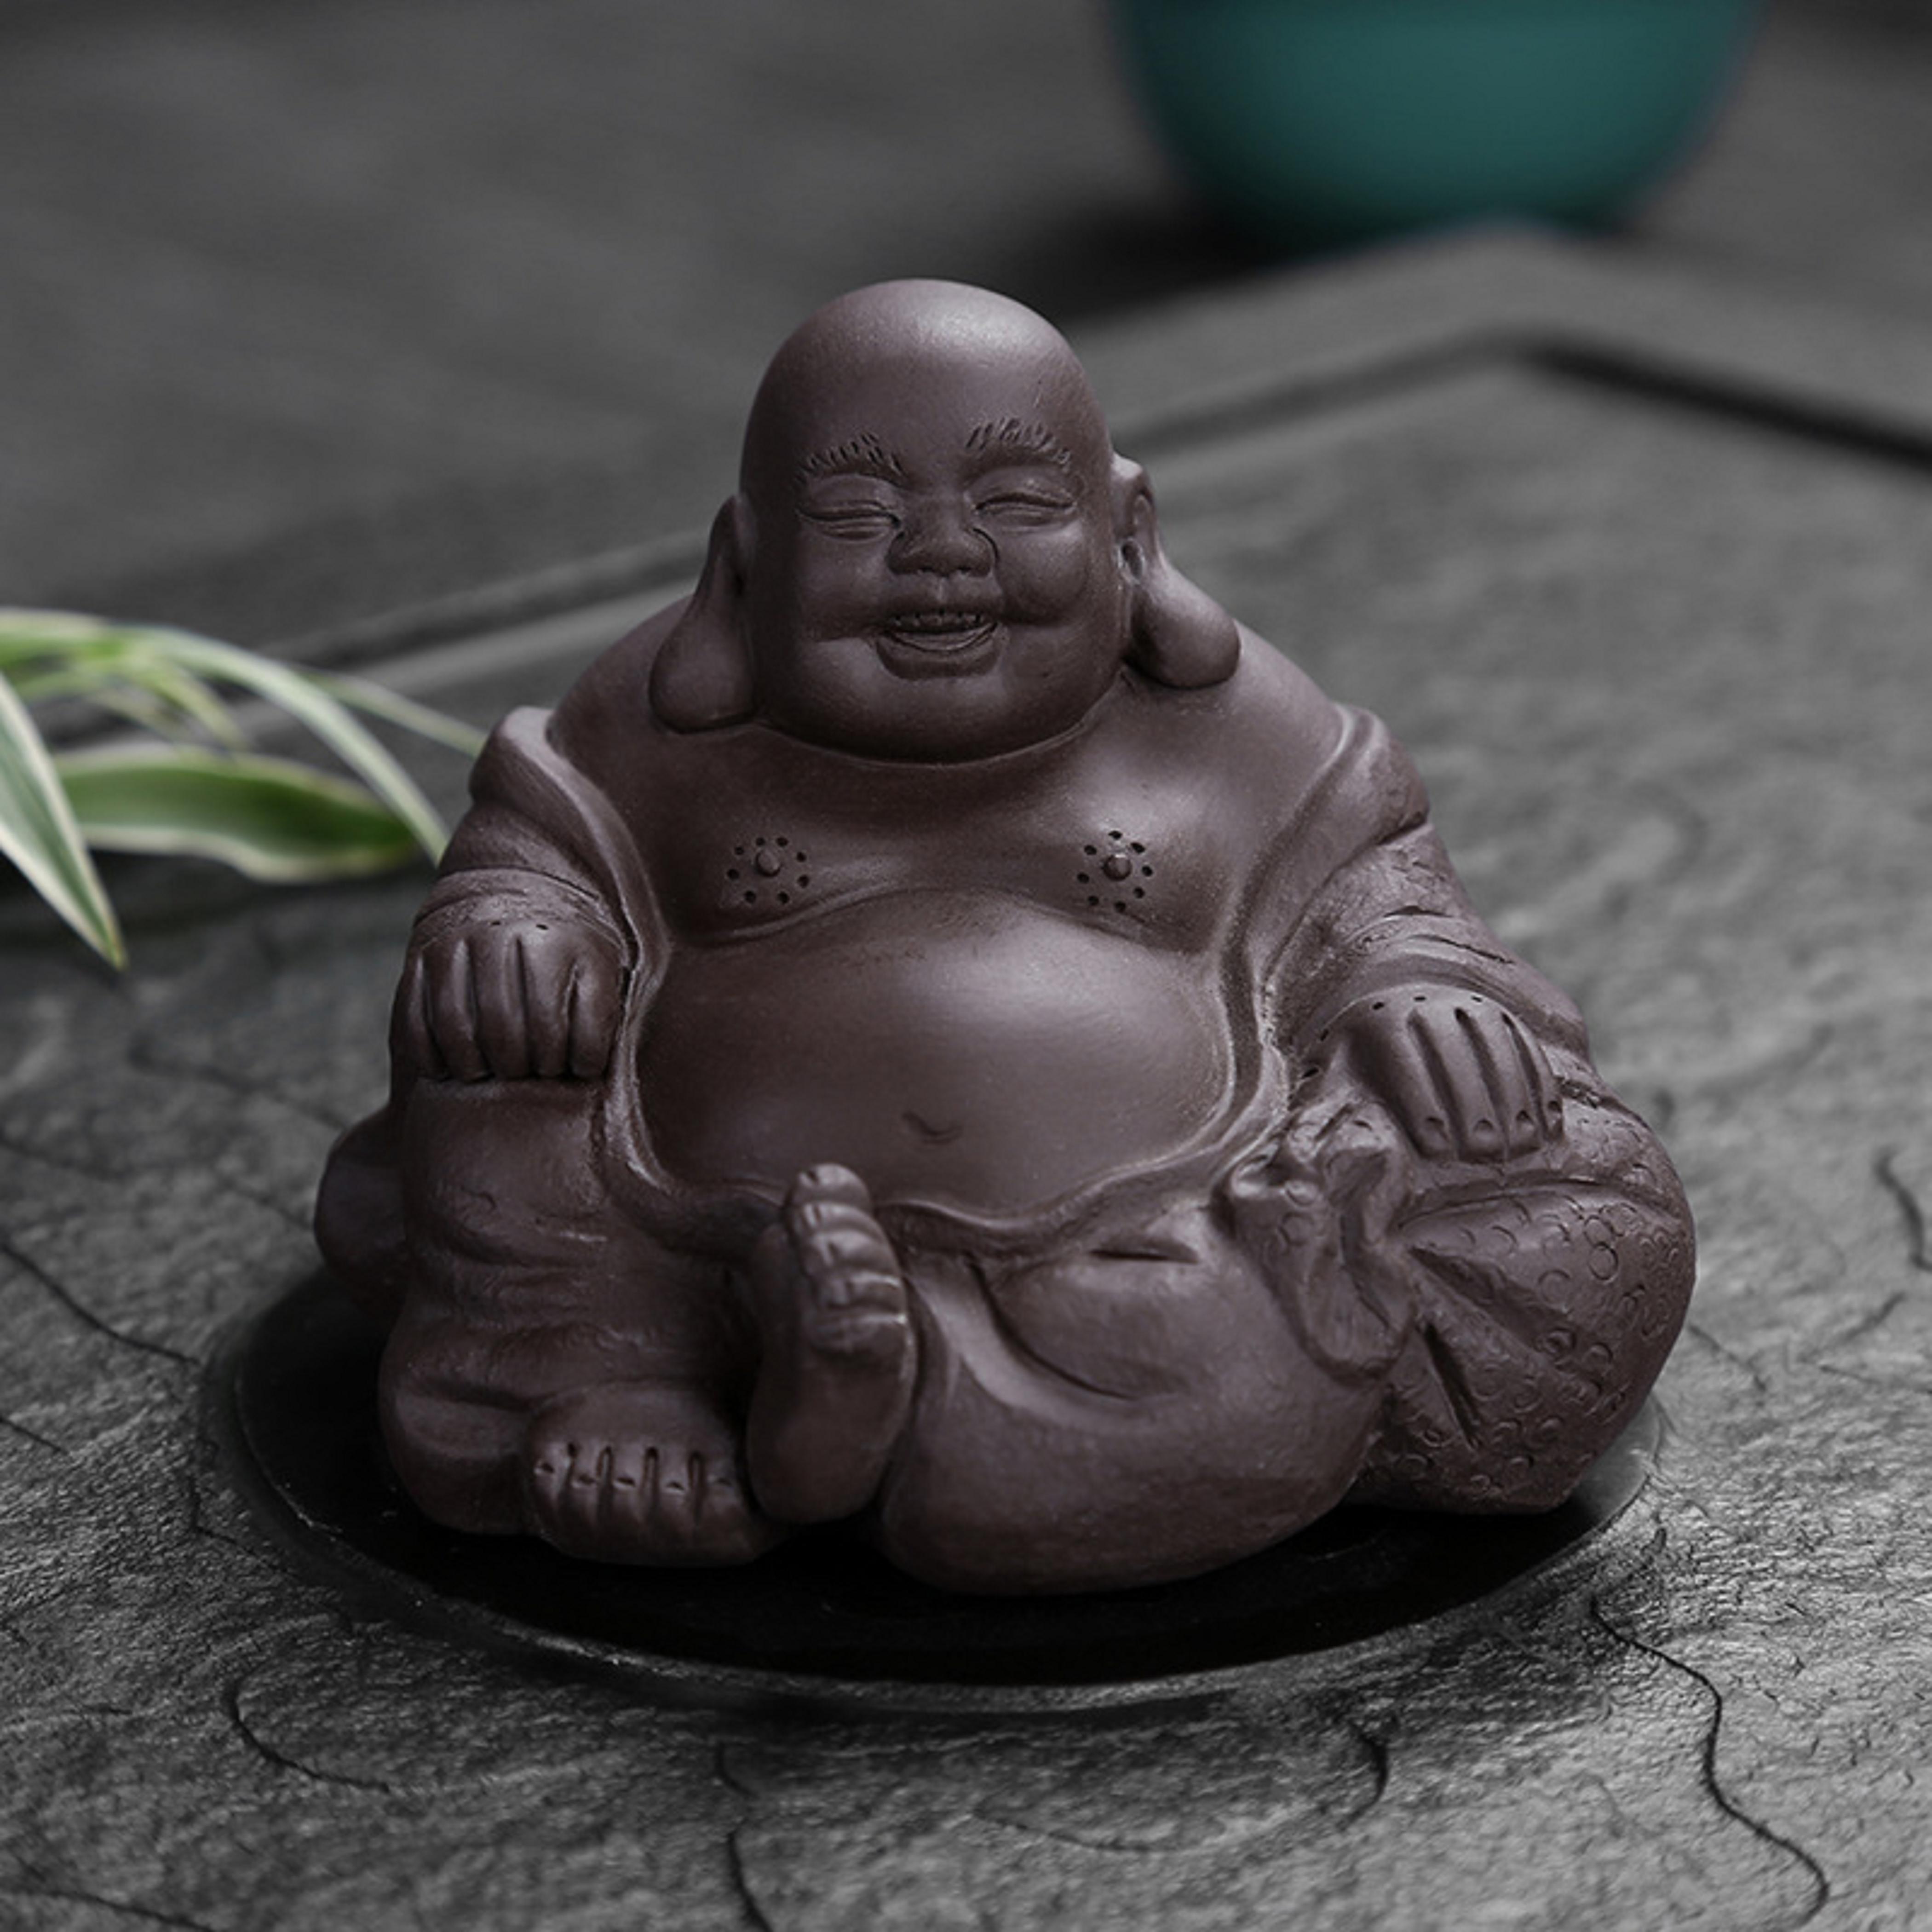 تماثيل بوذا الضحك للرجال ، تماثيل بوذا الضحك ، نحت الشاي للحيوانات الأليفة ، بوذا ، سحر الحرماء